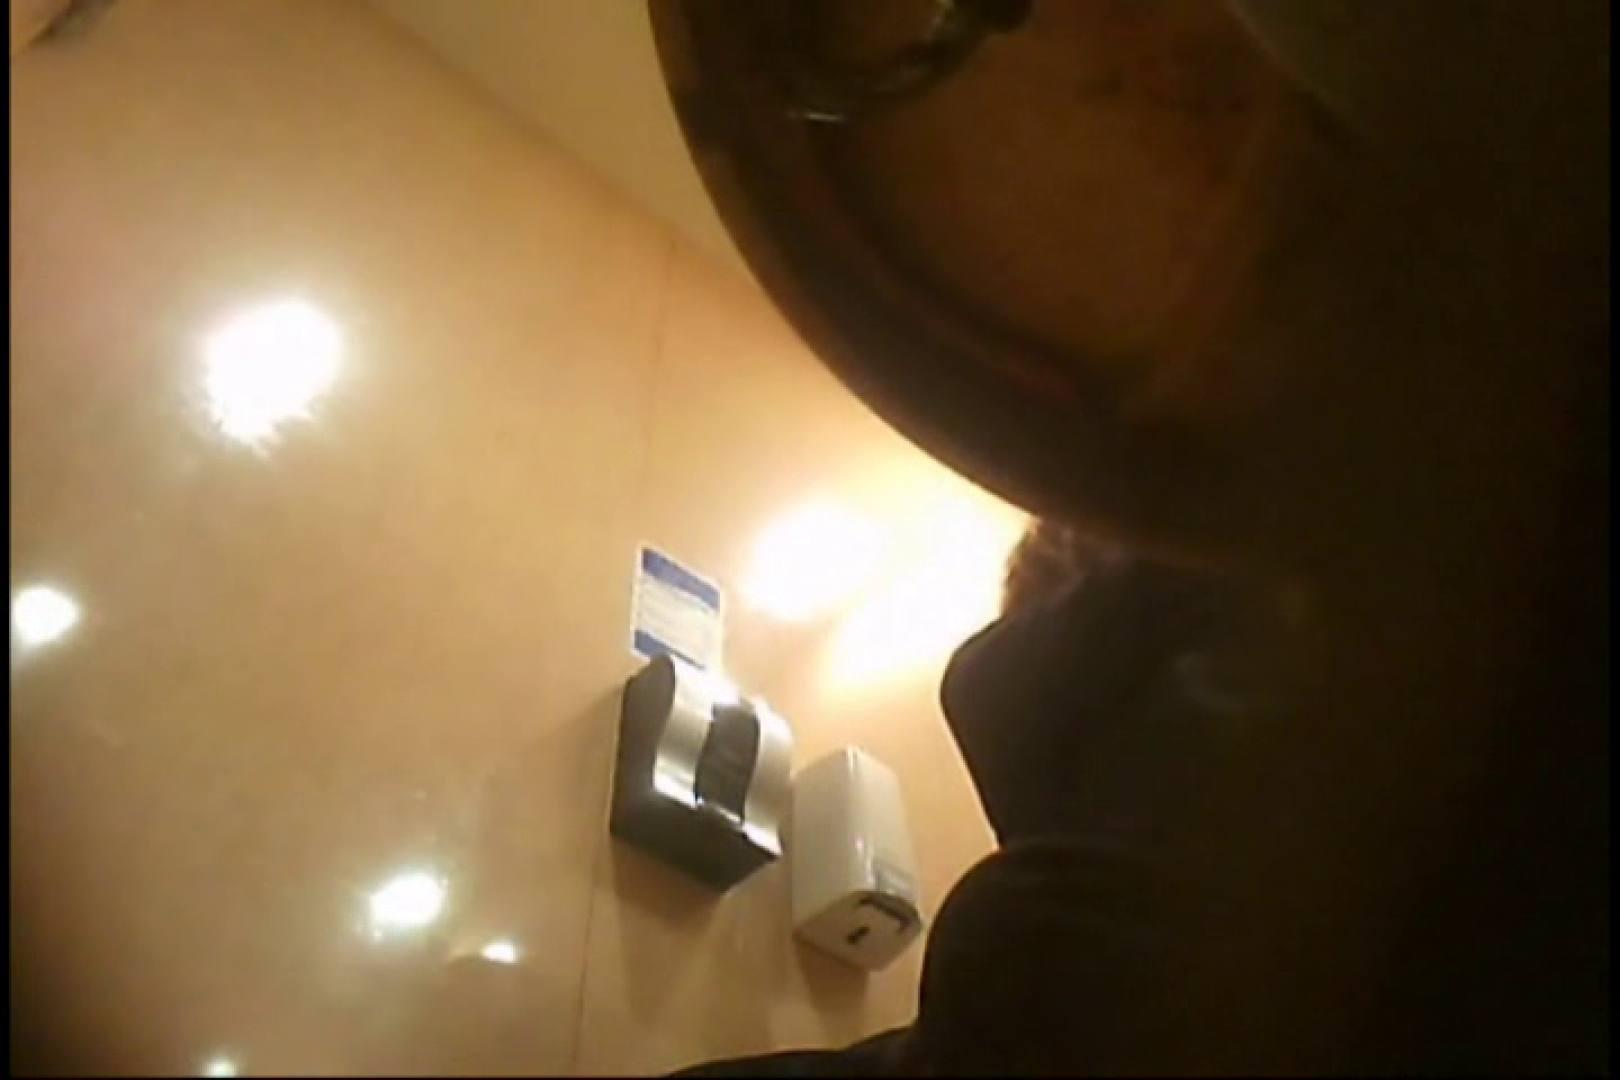 画質向上!新亀さん厠 vol.80 厠 隠し撮りオマンコ動画紹介 97連発 70